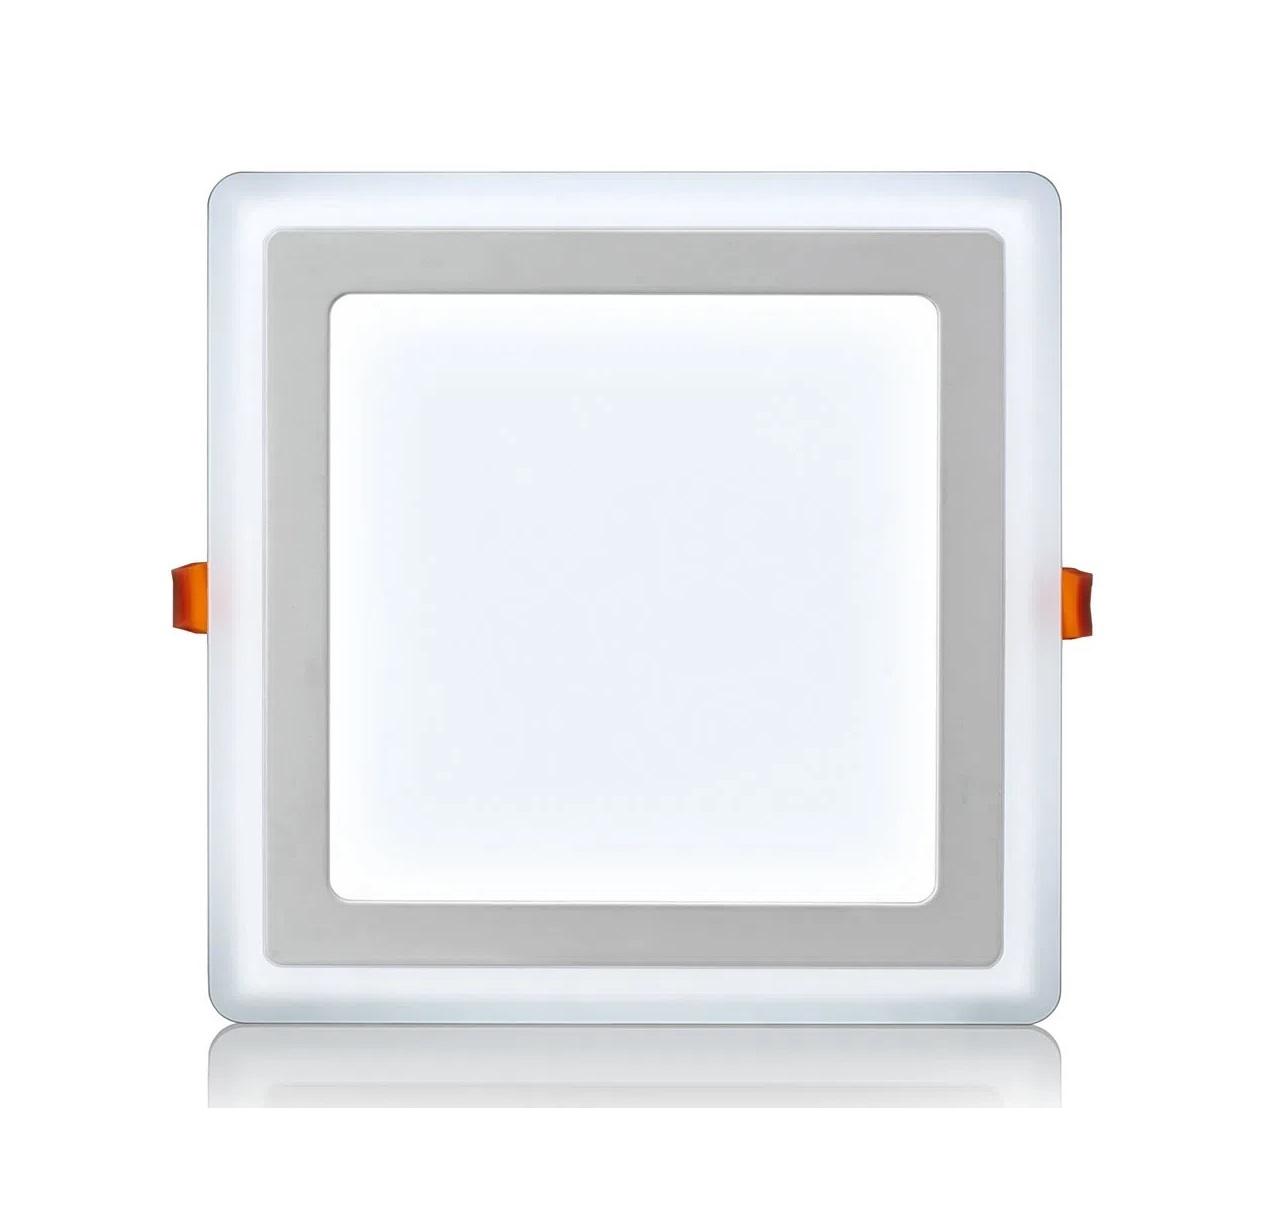 Luminária led de Embutir 18W 3 estágios quadrada 6W+12W 6500K Fria Elgin  - Mix Eletro